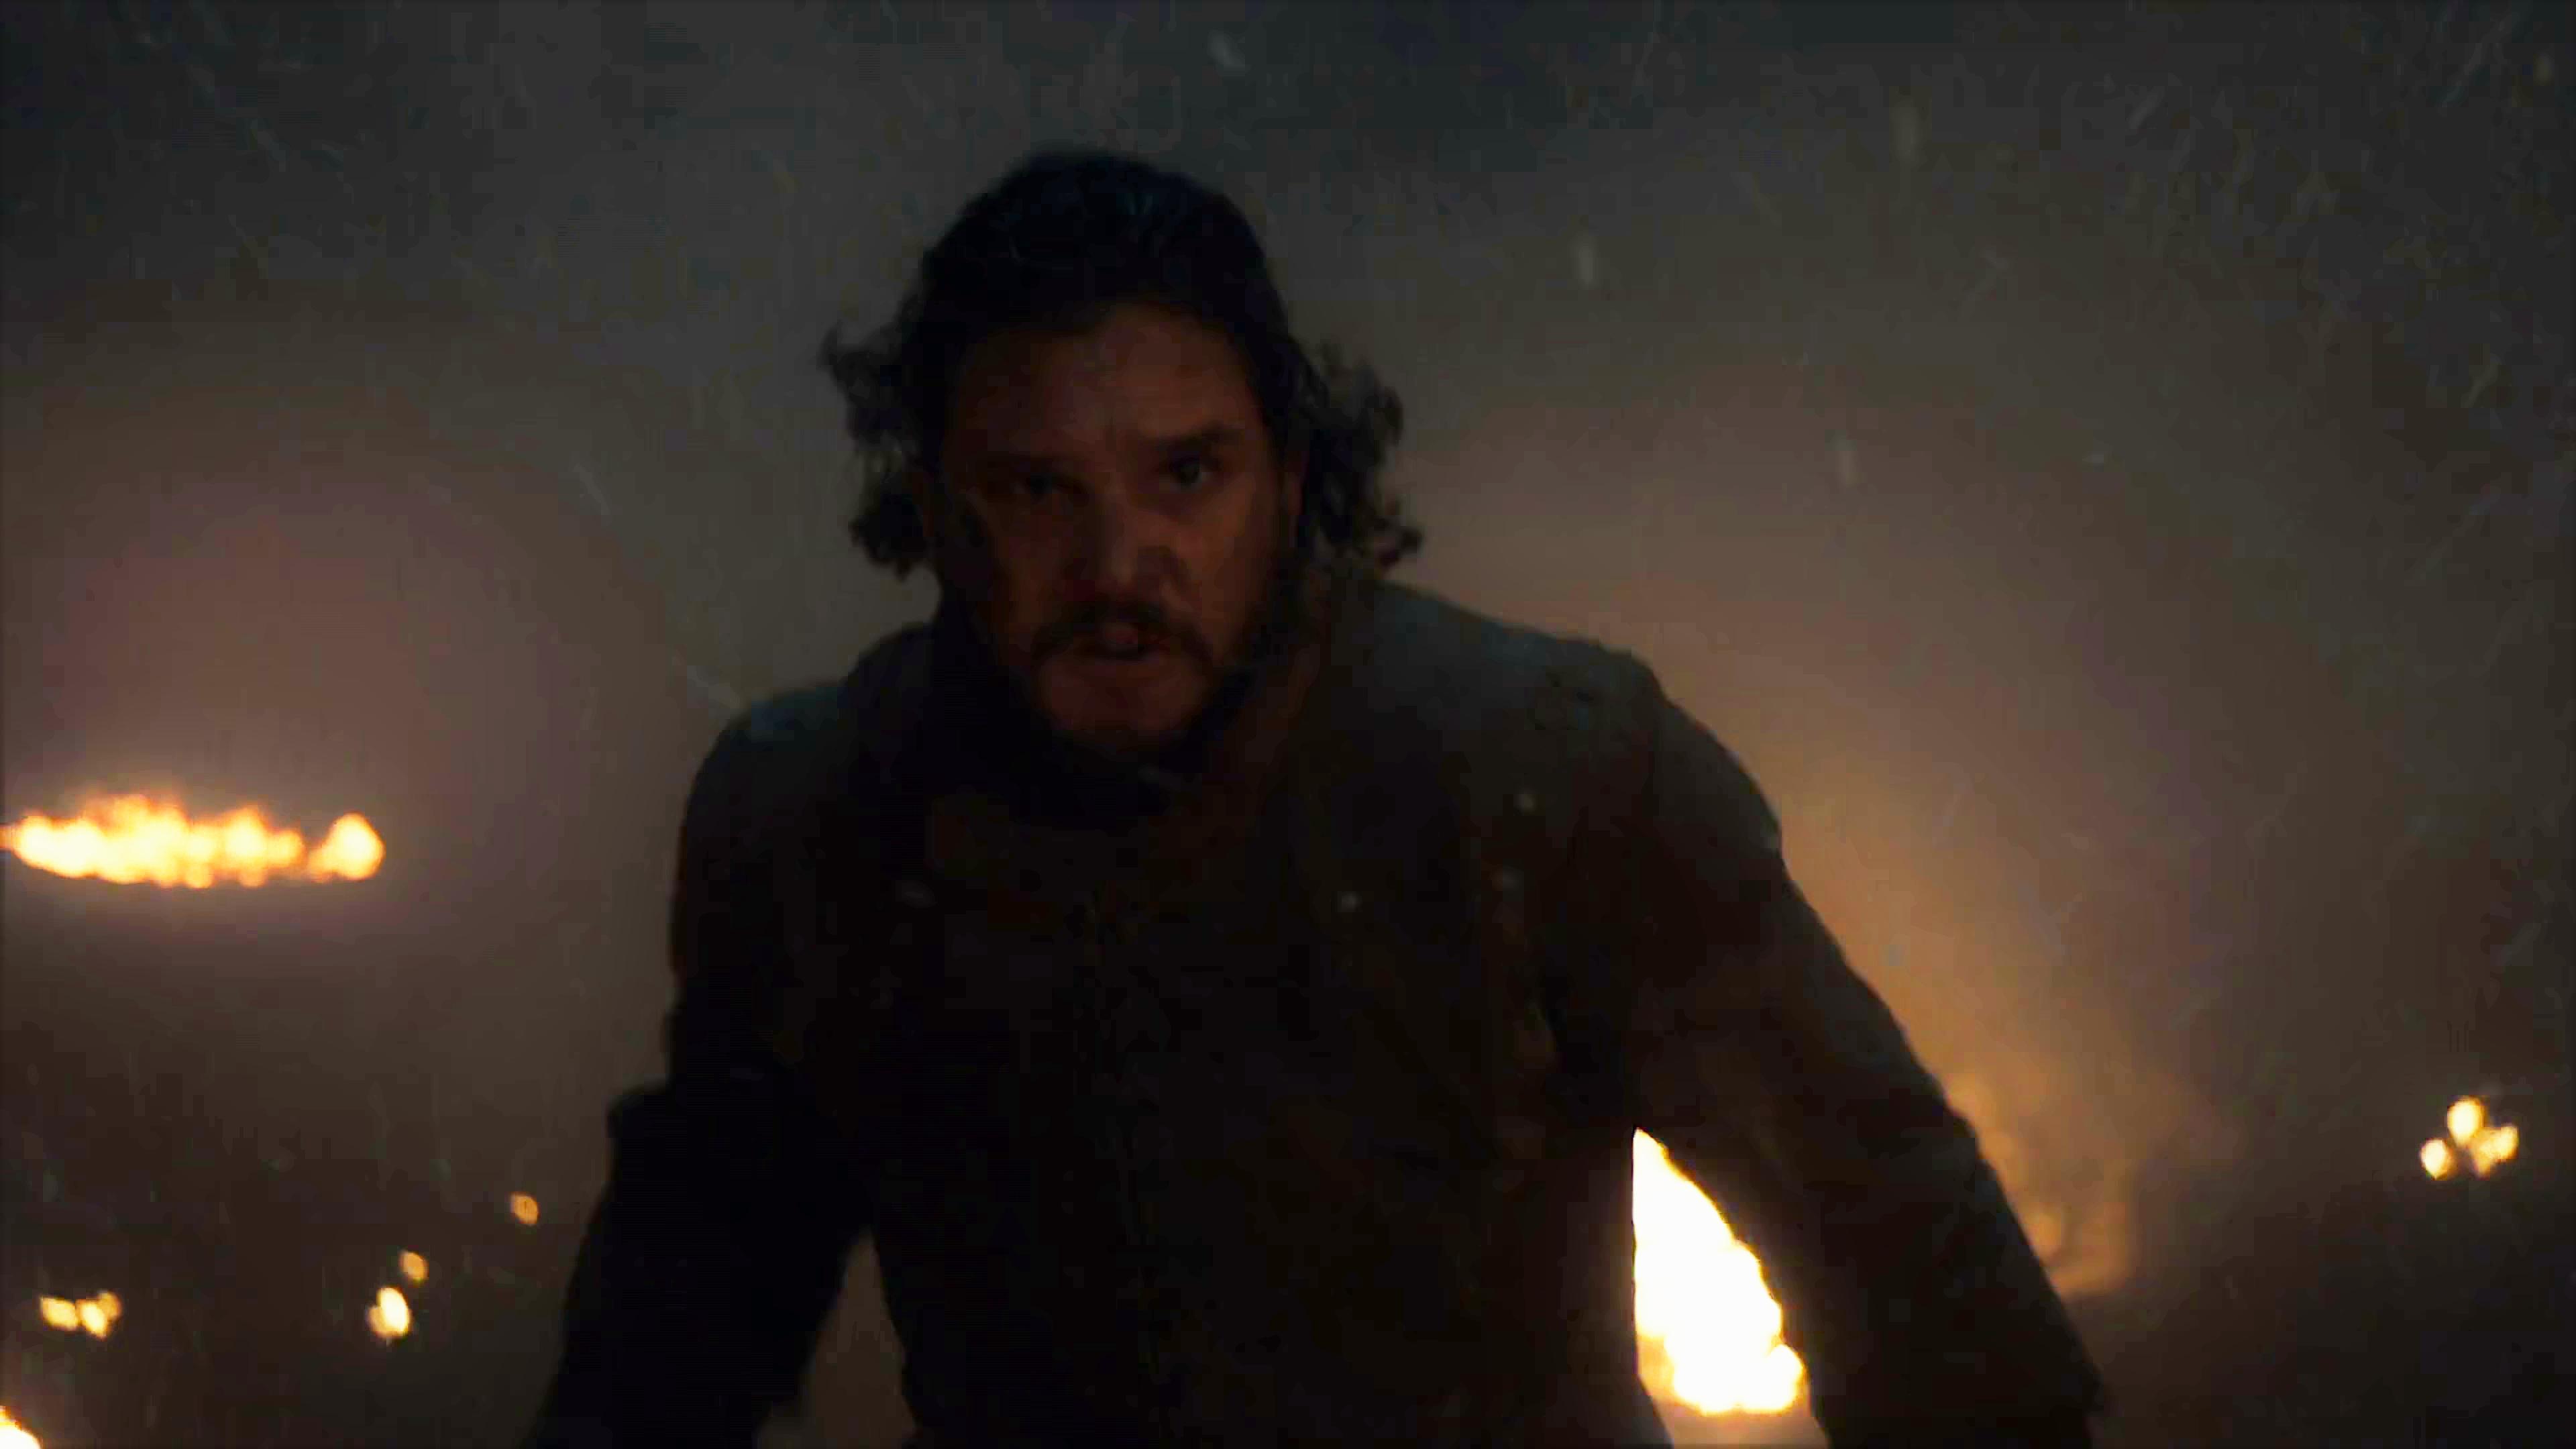 35. Season 8 Trailer Jon Snow Running